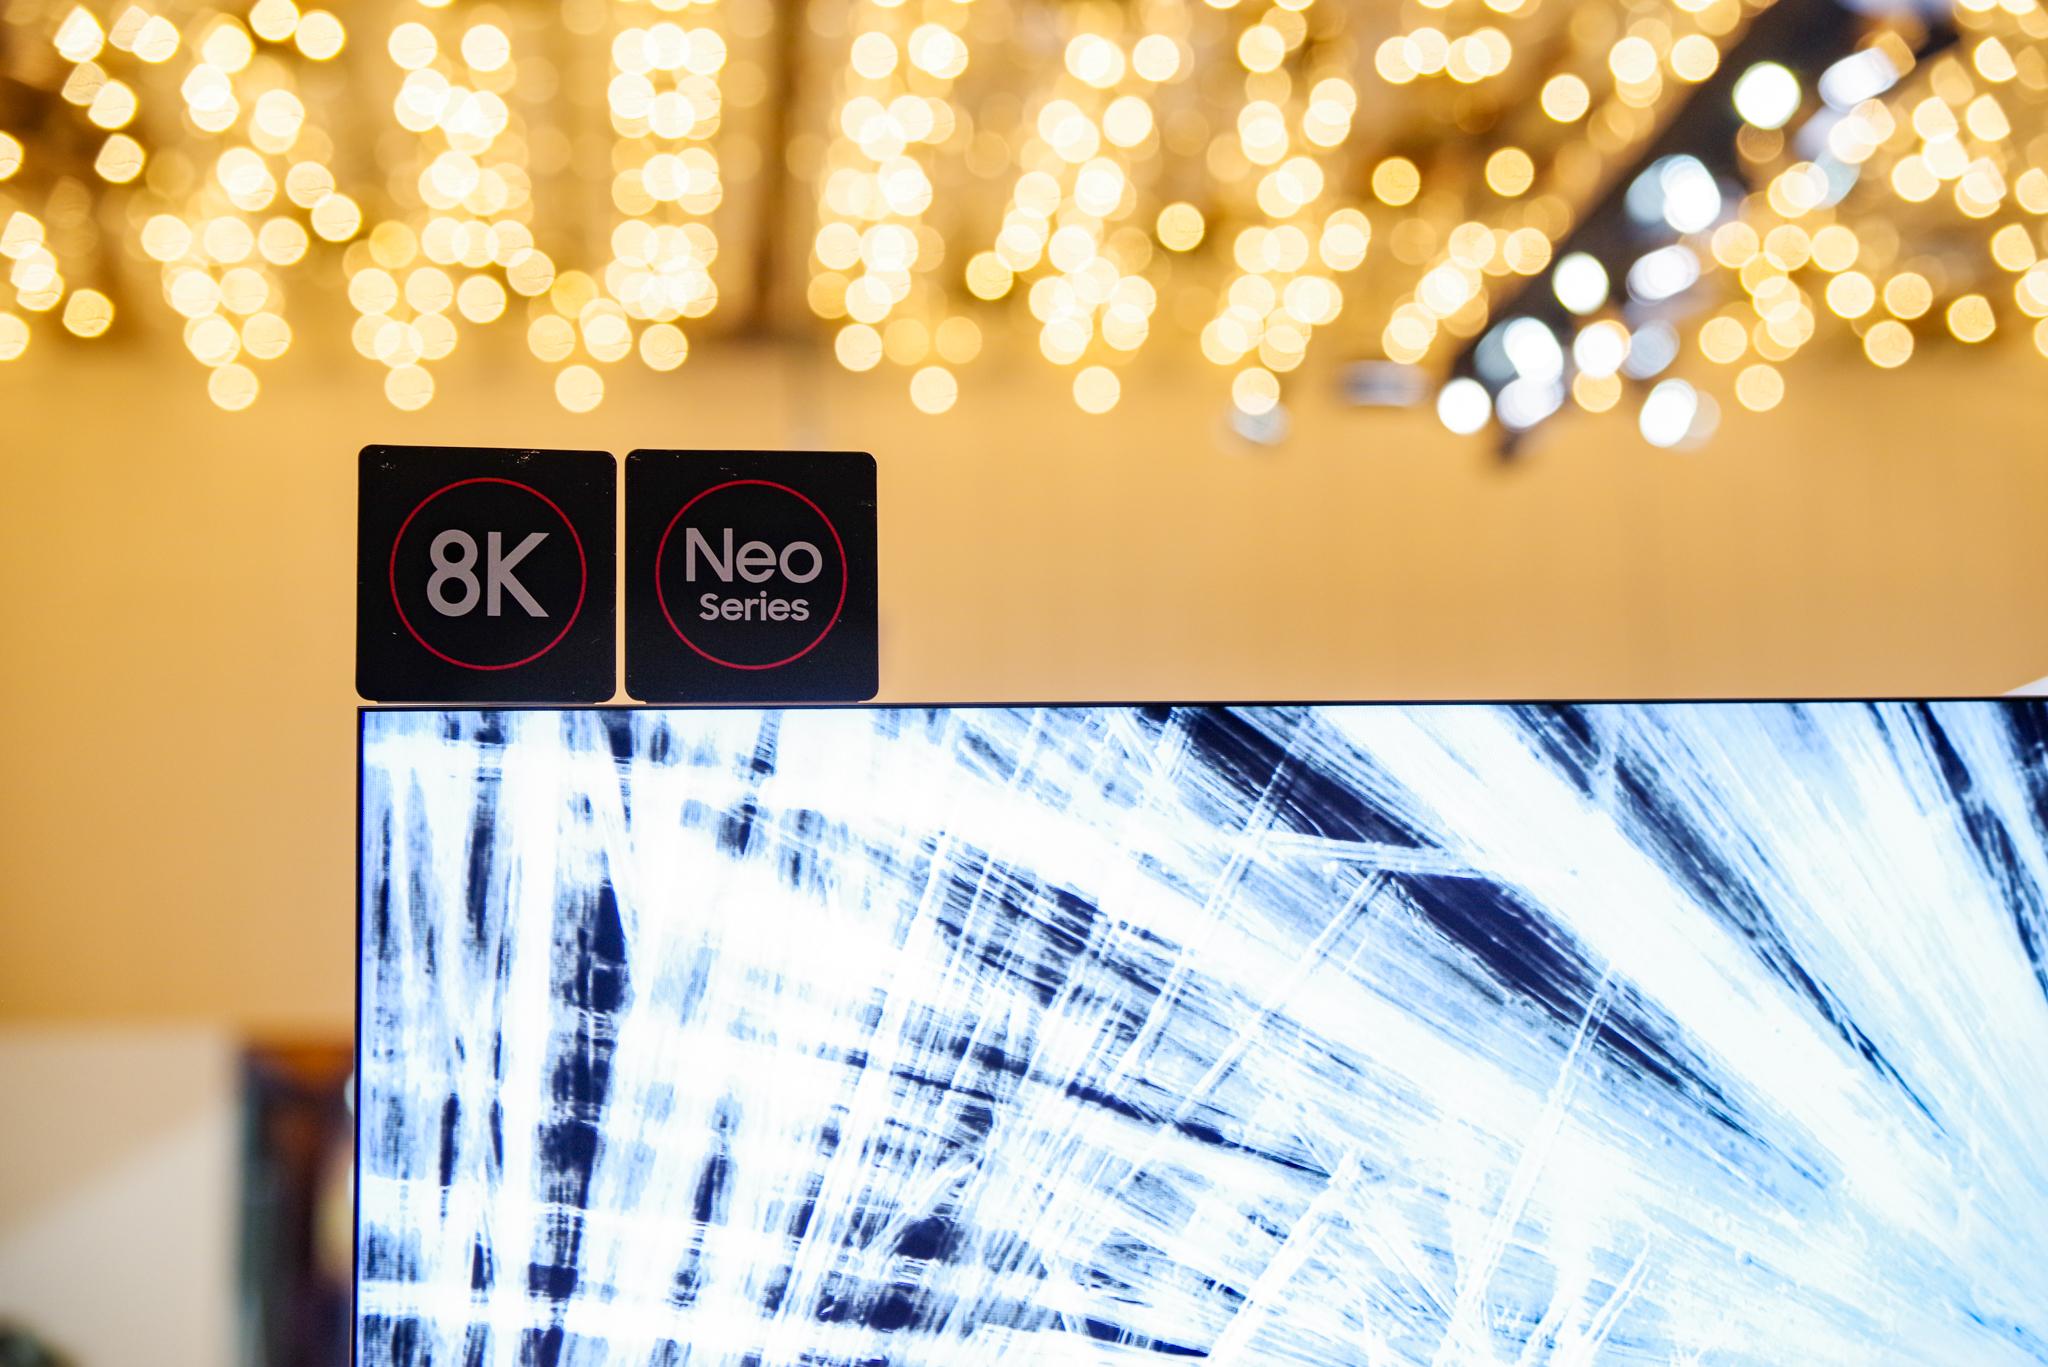 Tổ chức sự kiện hoành tráng dành riêng cho đồ gia dụng, Samsung muốn chứng tỏ điều gì? - Ảnh 5.